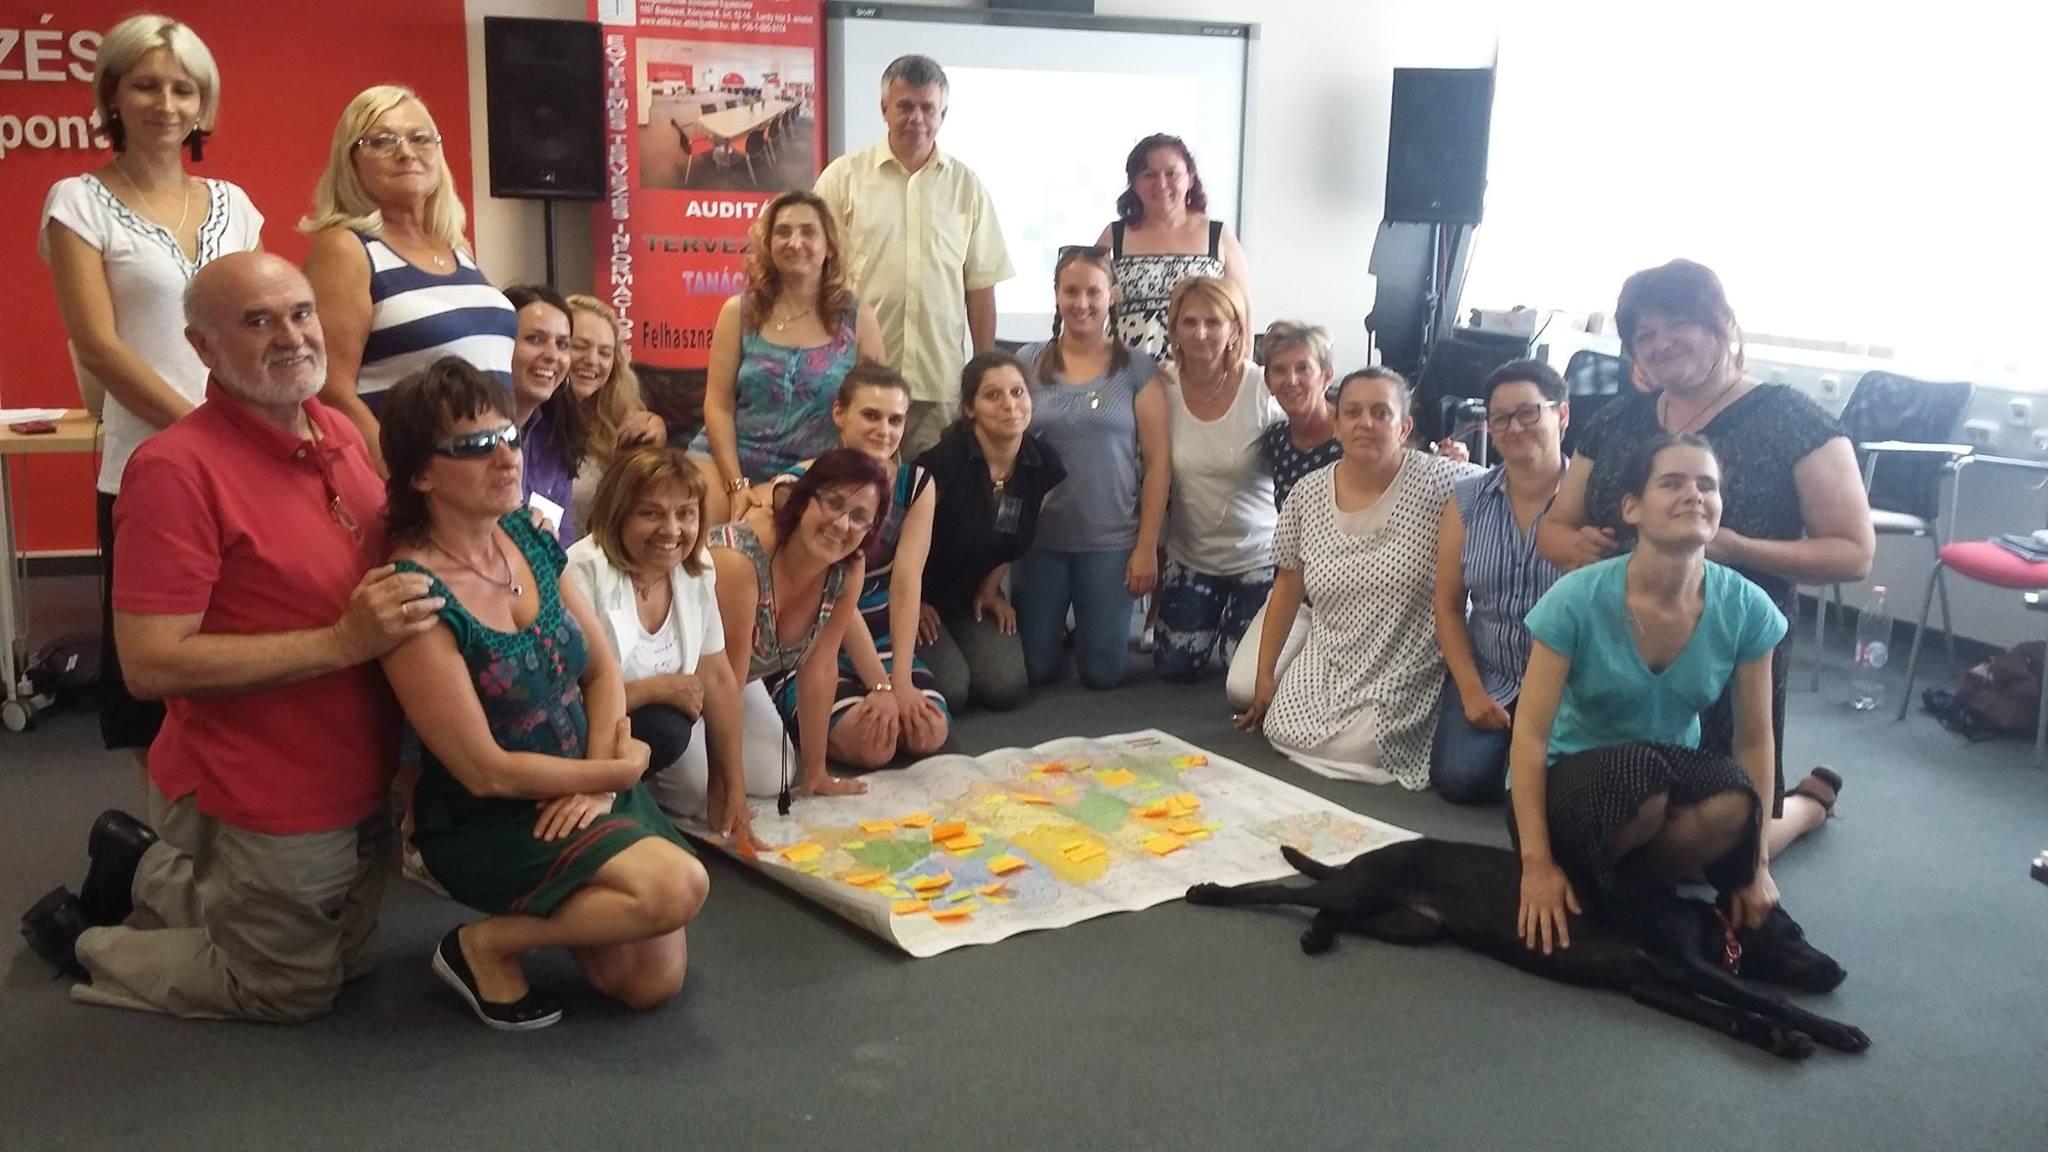 A képen a képzésben résztvevők láthatóak, köztük S. Tóth Erika kolléganőnk is